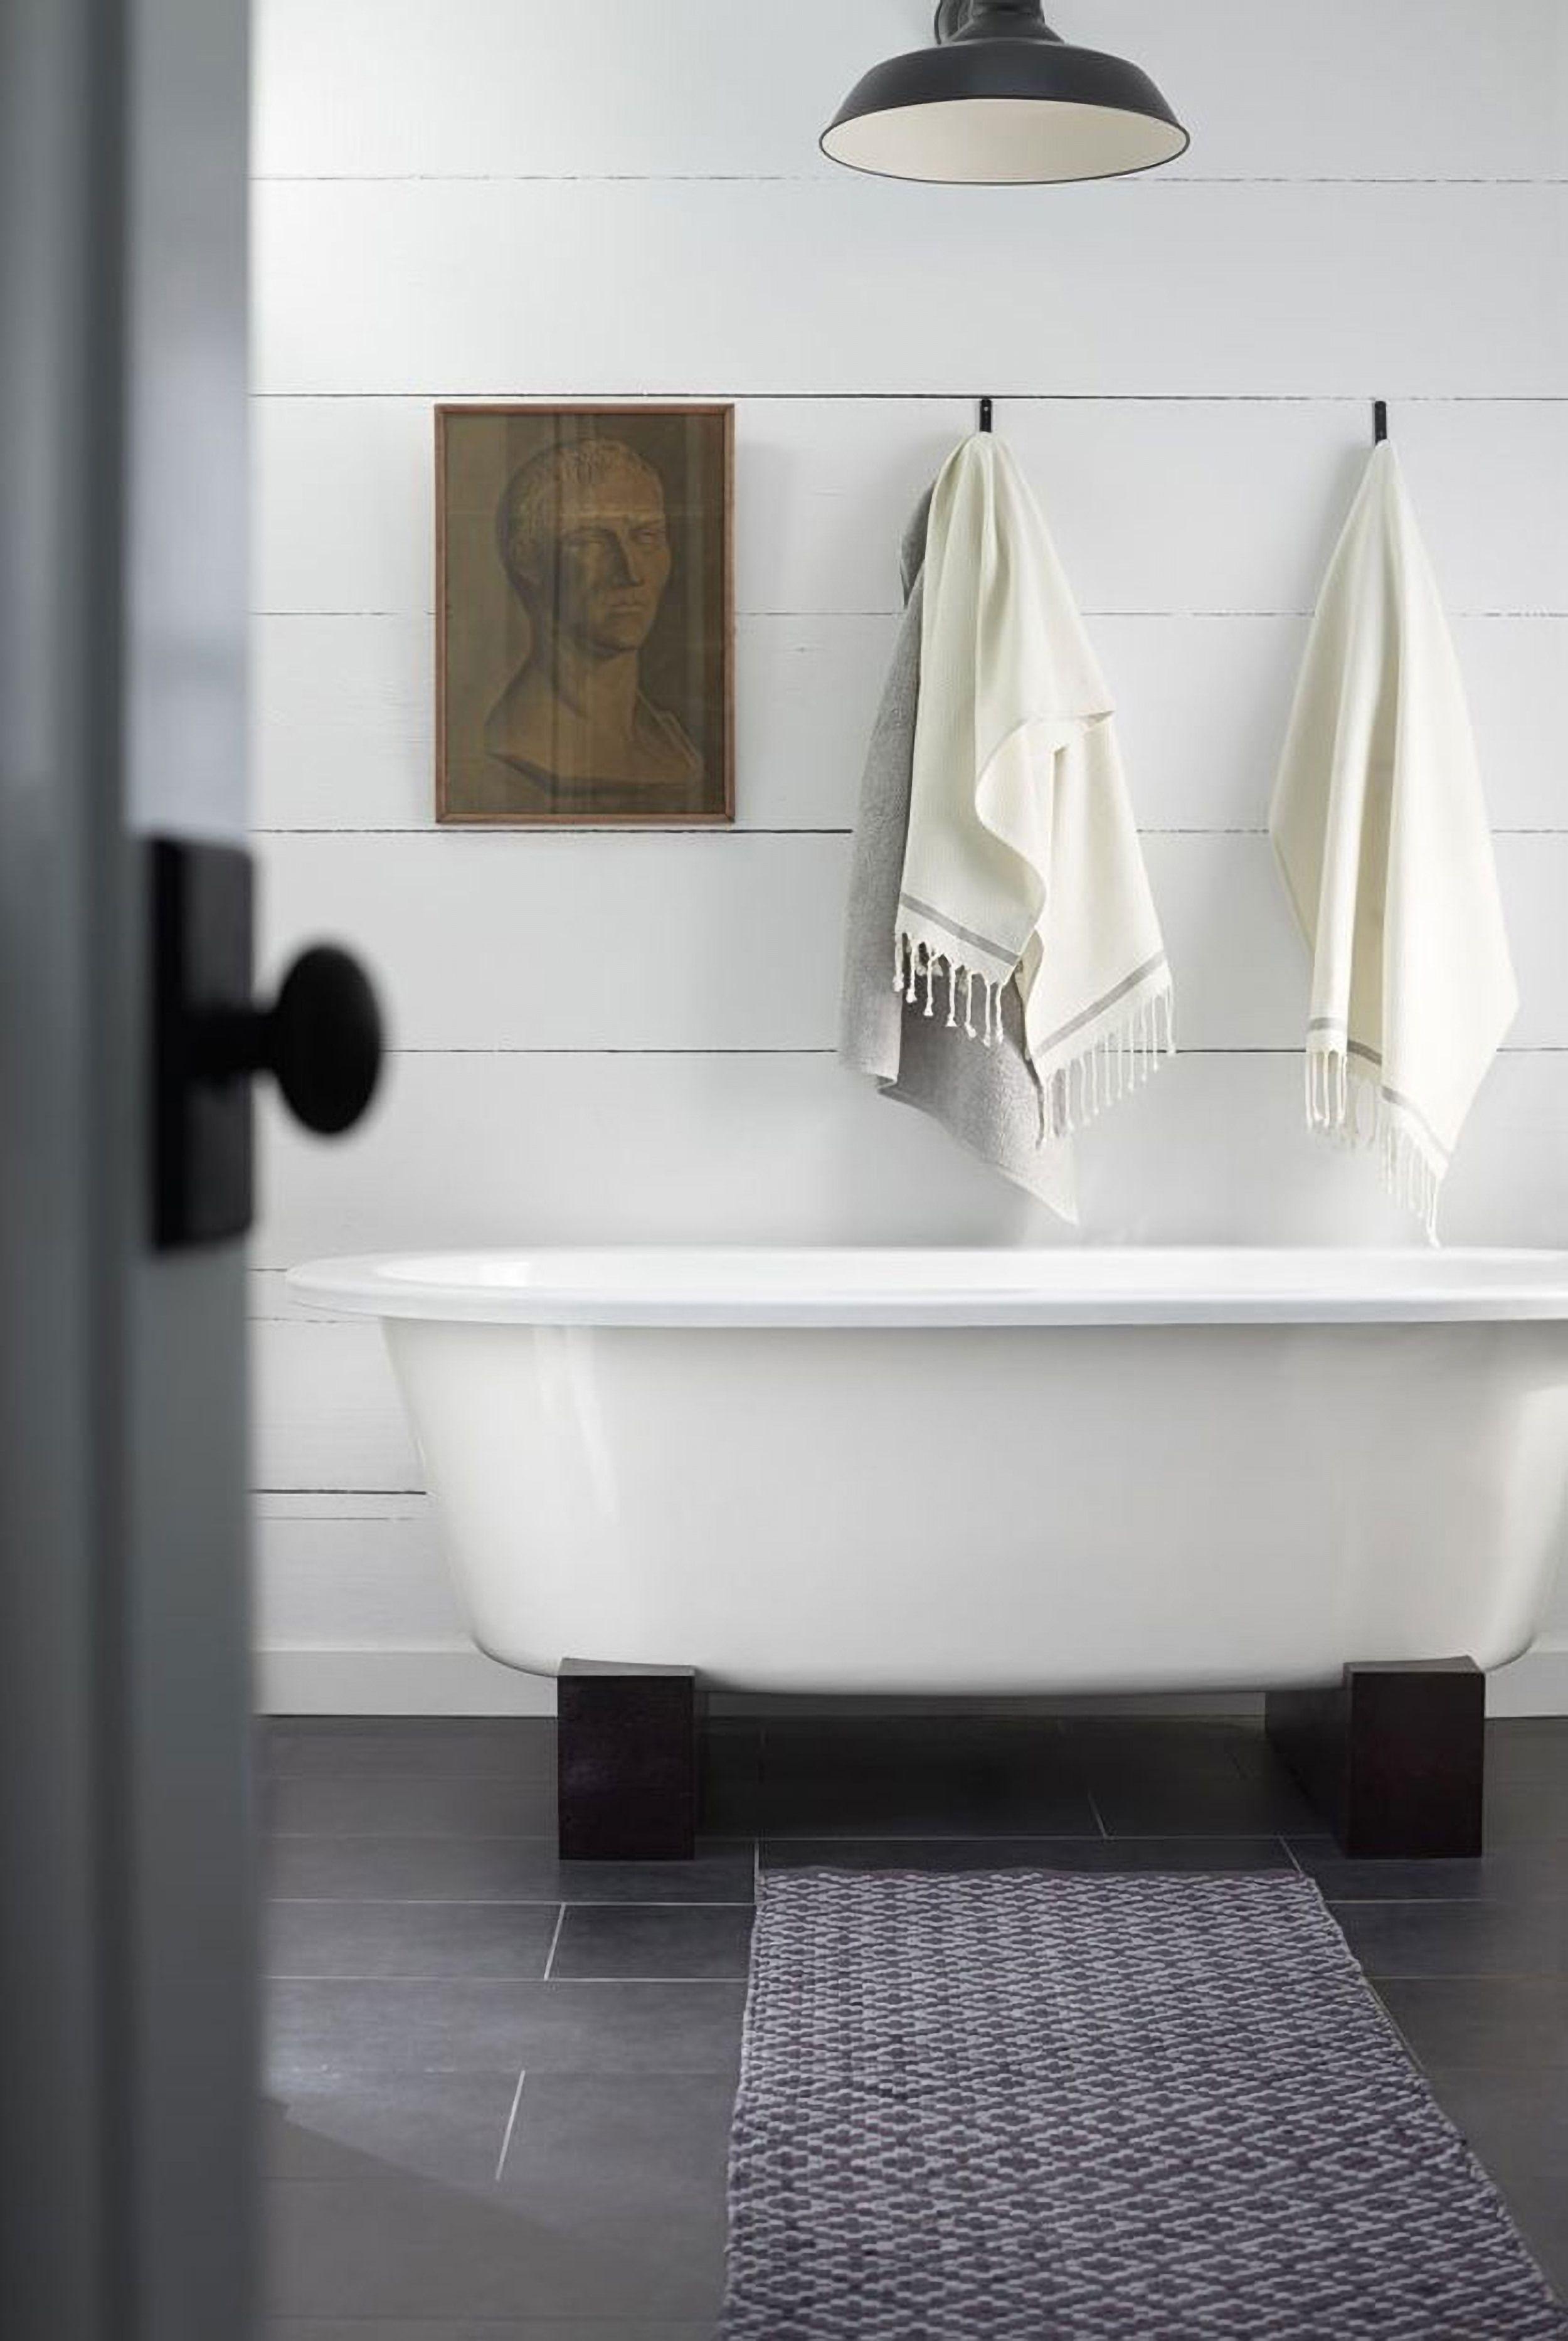 Badezimmer dekor in meiner nähe ich entwerfe sie beschließen gastbadmaterialausgabe  mein haus